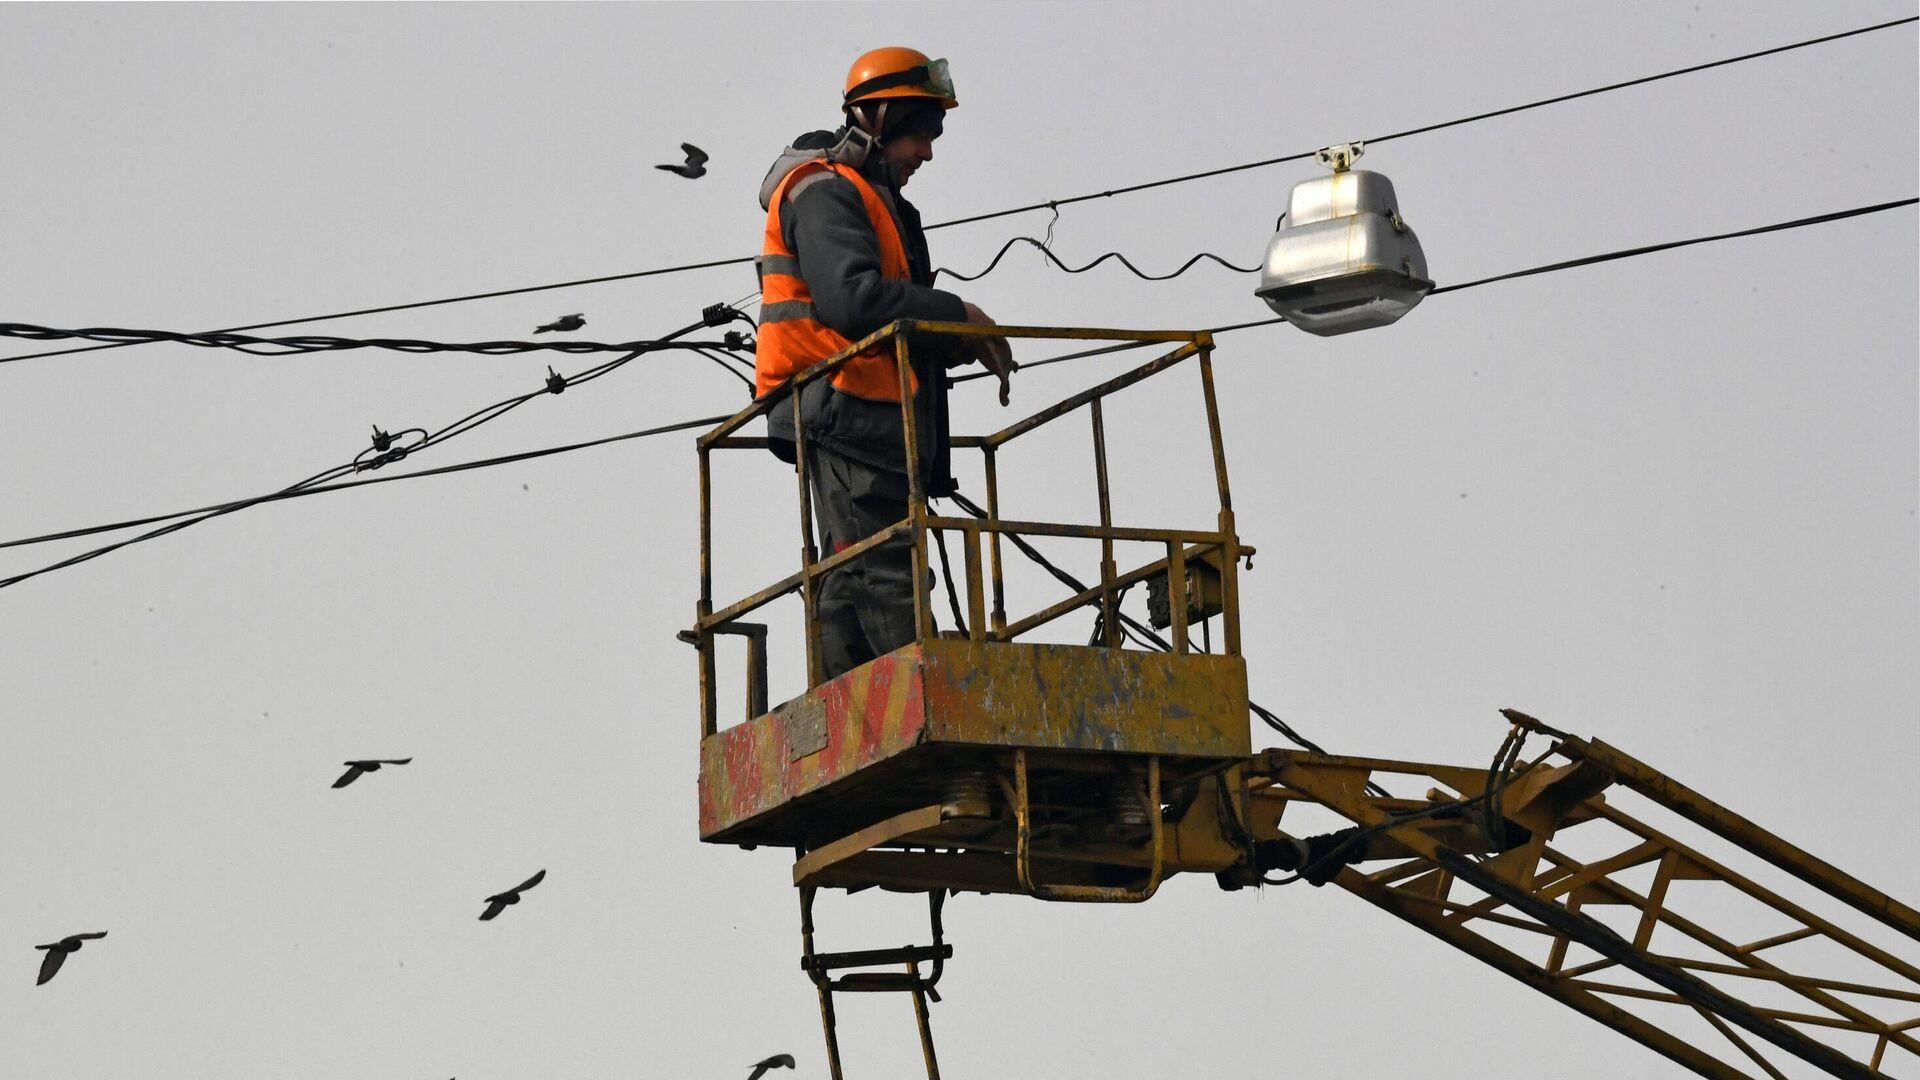 Работник коммунальной службы ремонтирует фонарь - РИА Новости, 1920, 09.07.2021